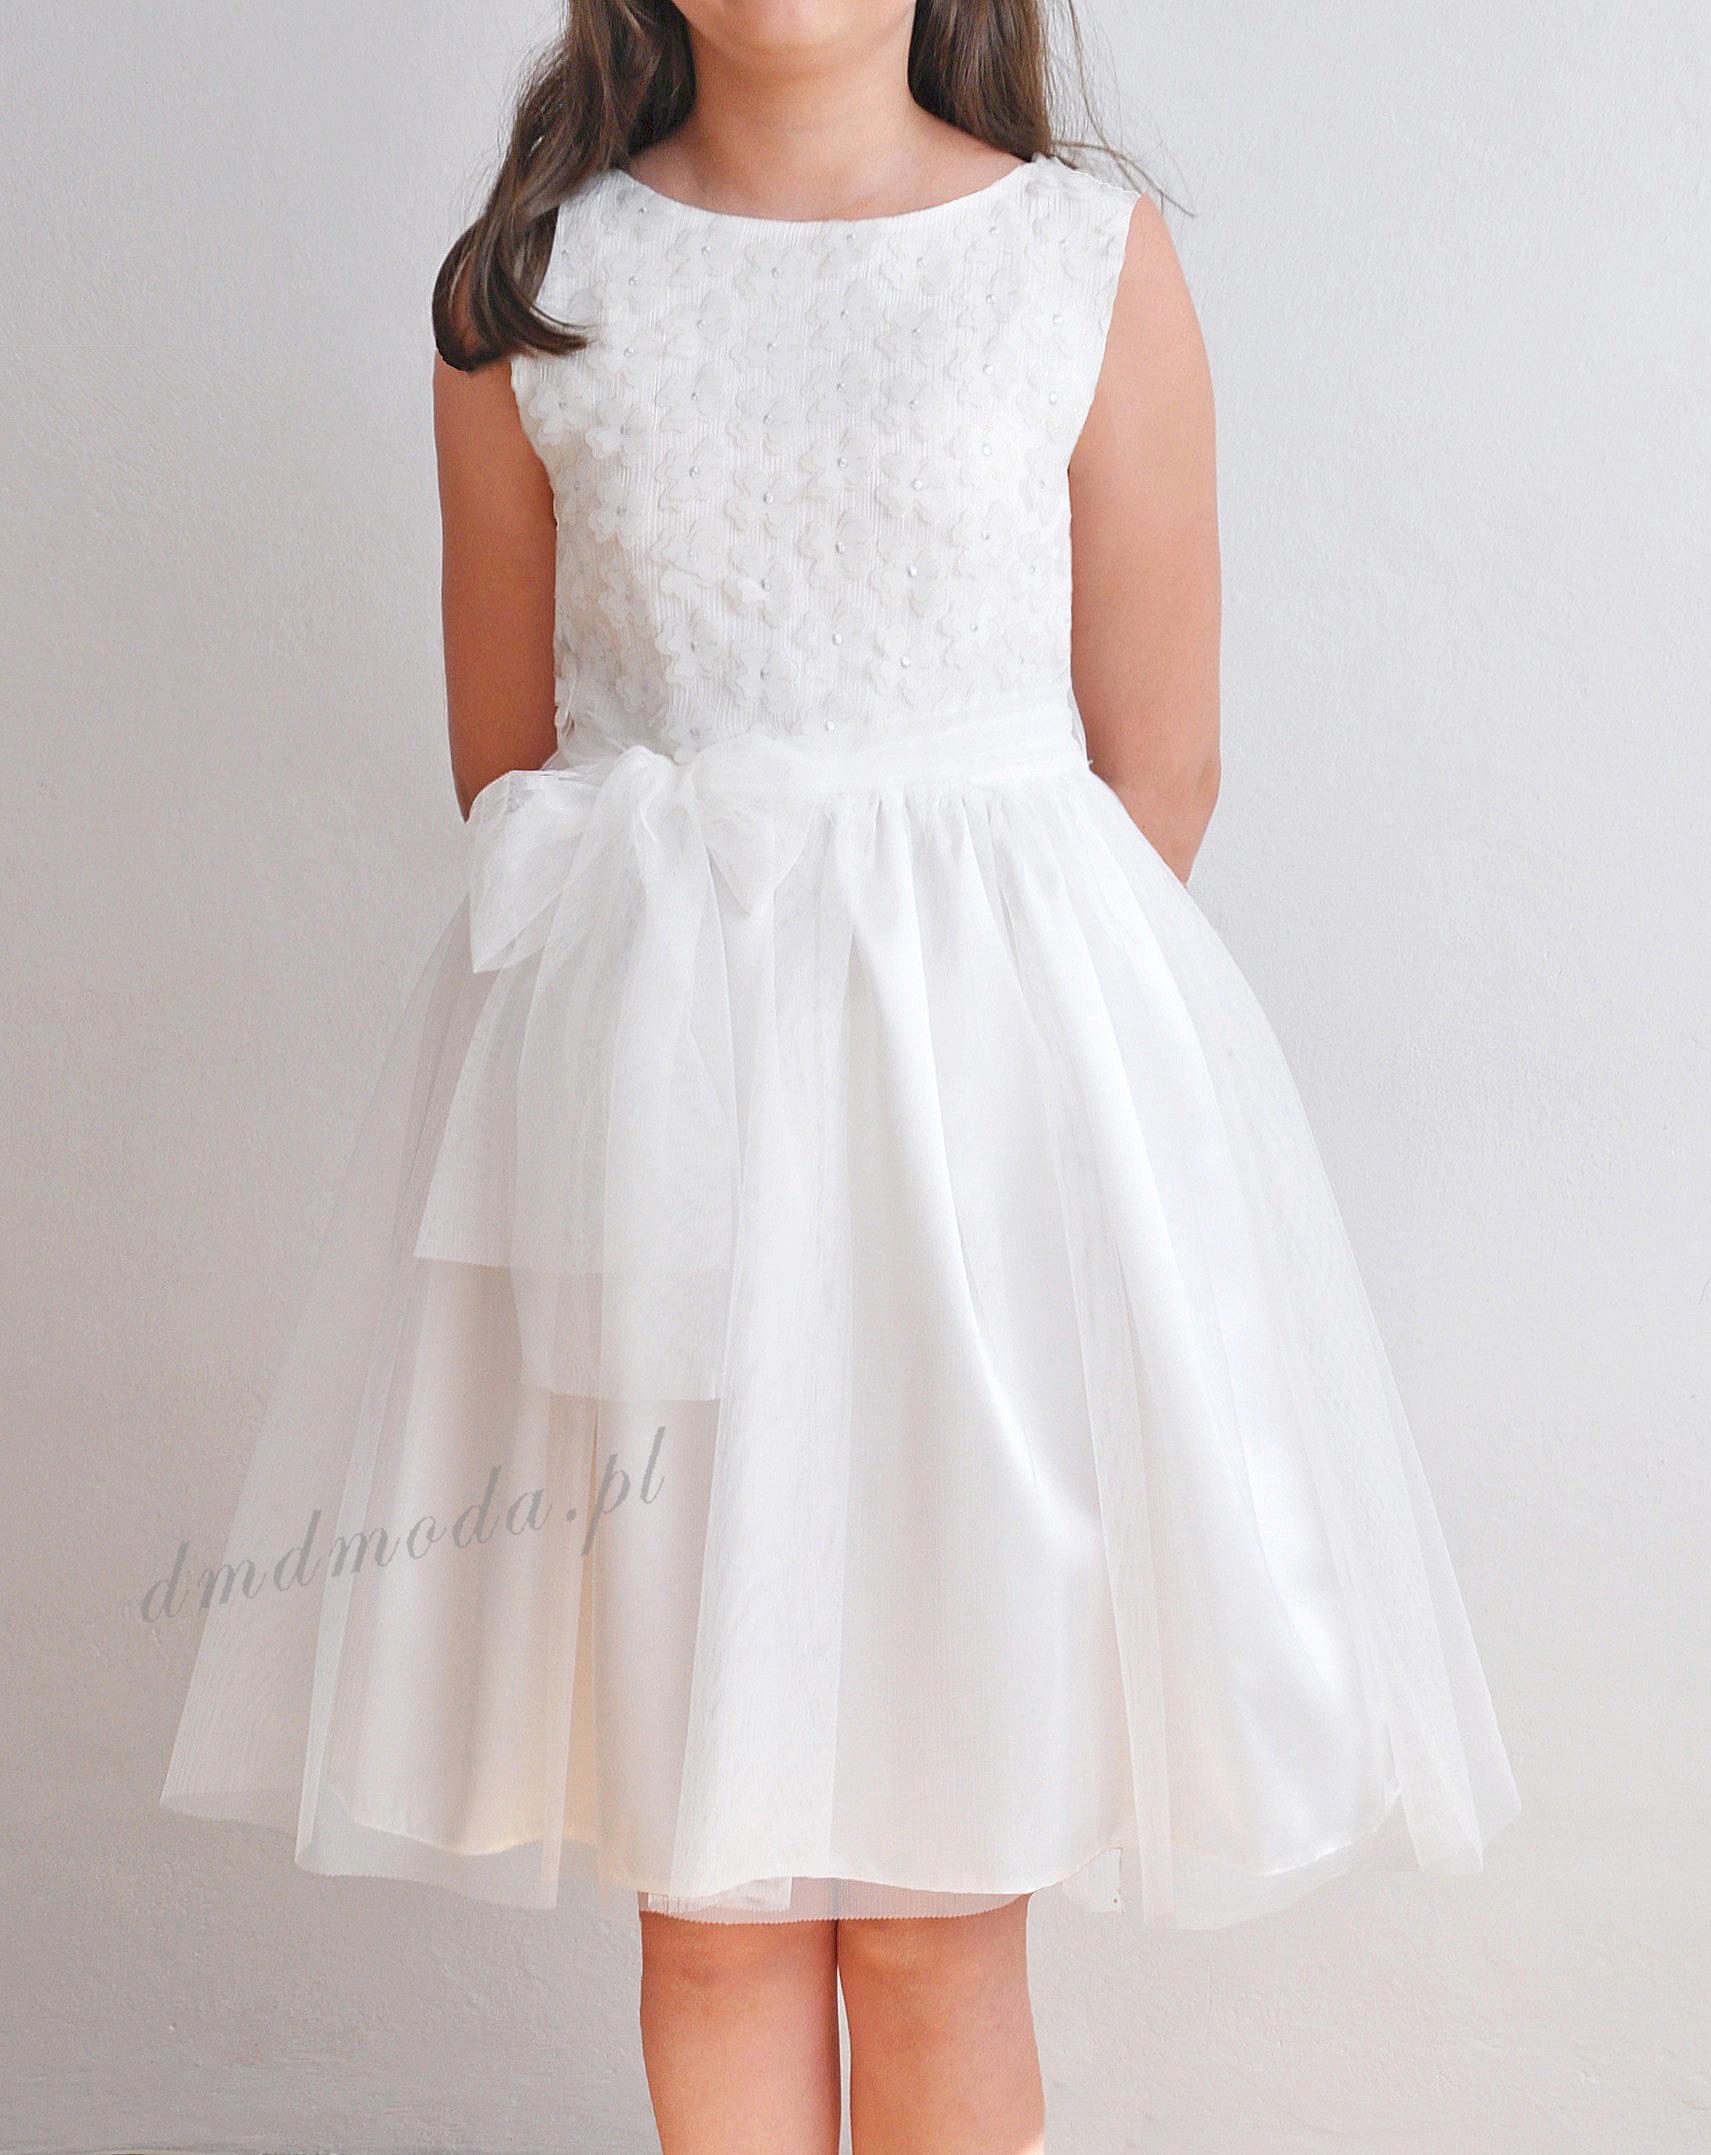 sukienka dla dziewczynki wesele komunia